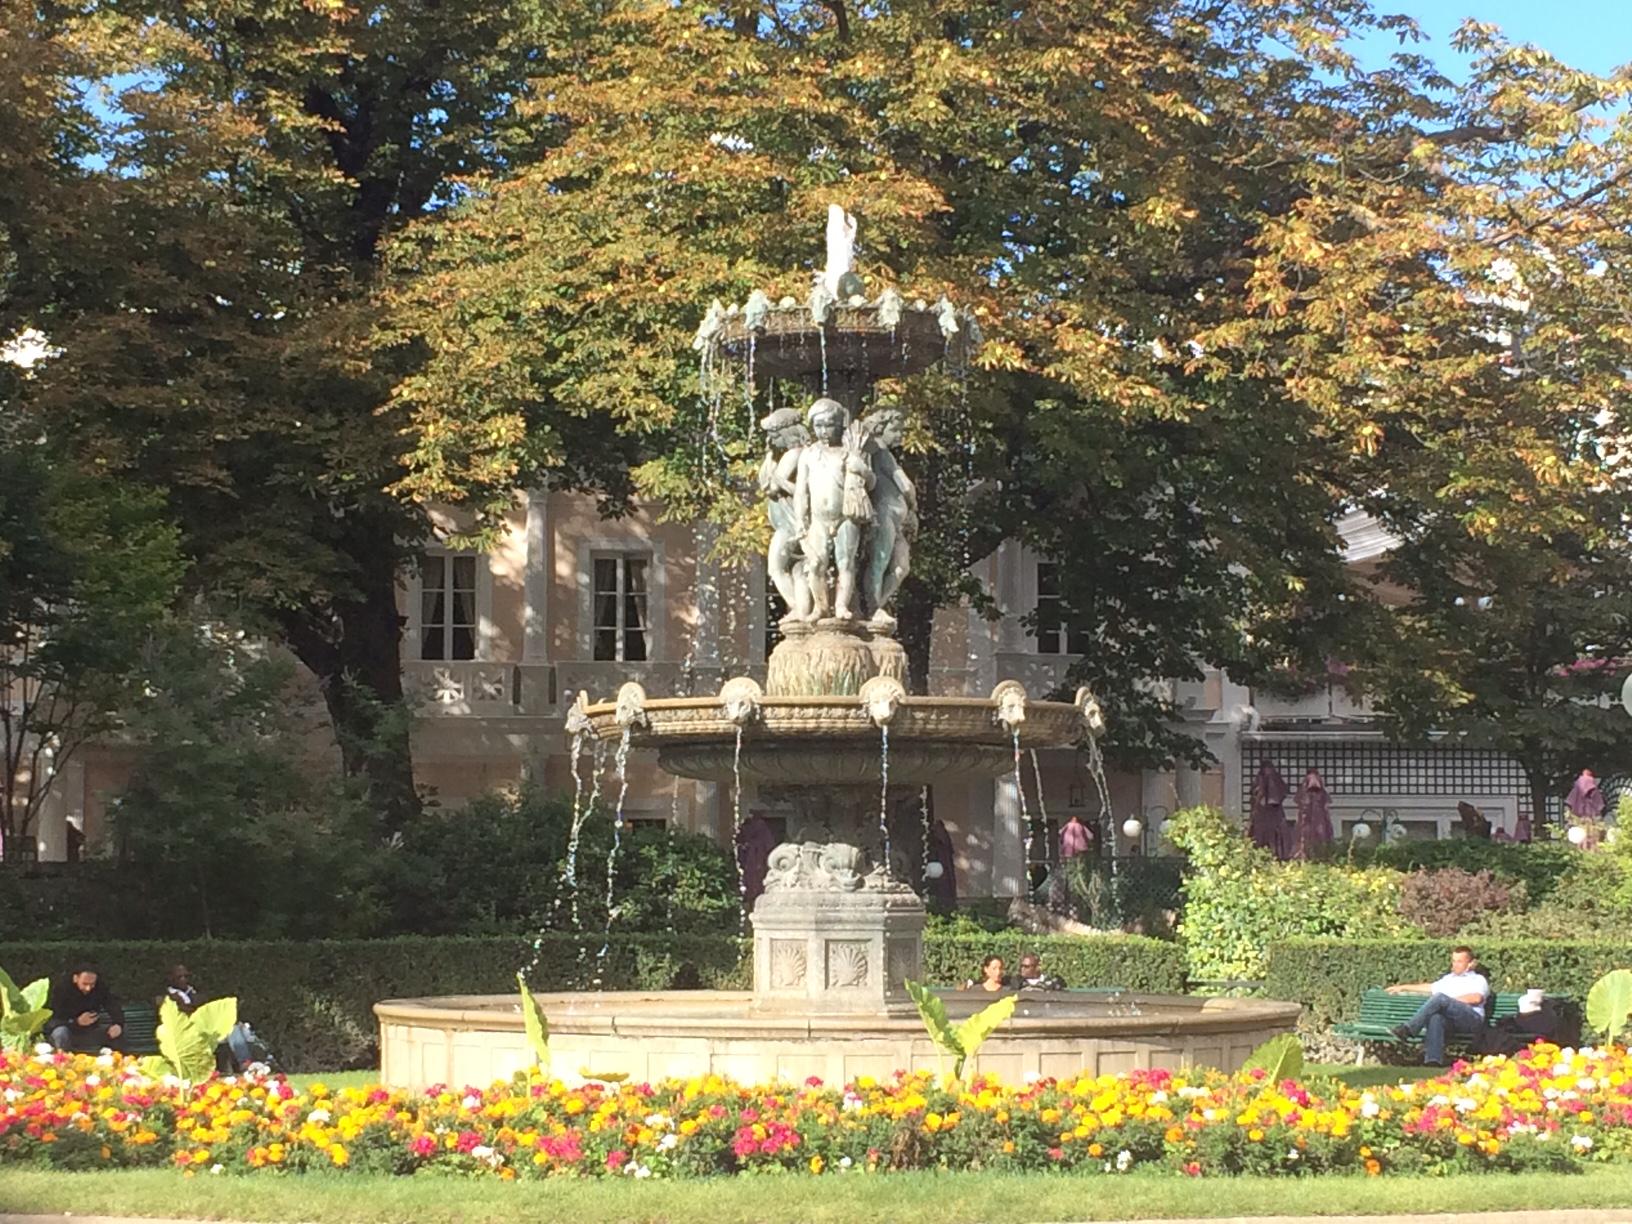 Fountain near Champs-Élysees